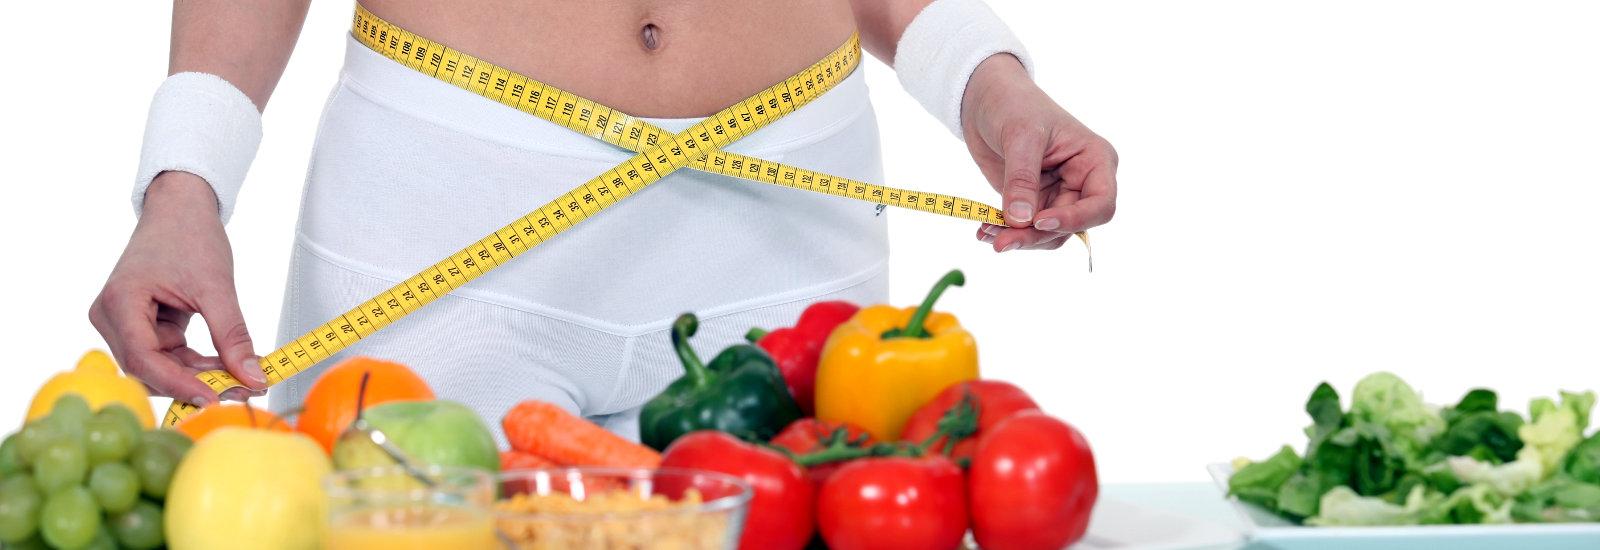 Правильное здоровое питание ПП - МОЙ ОЧЕНЬ